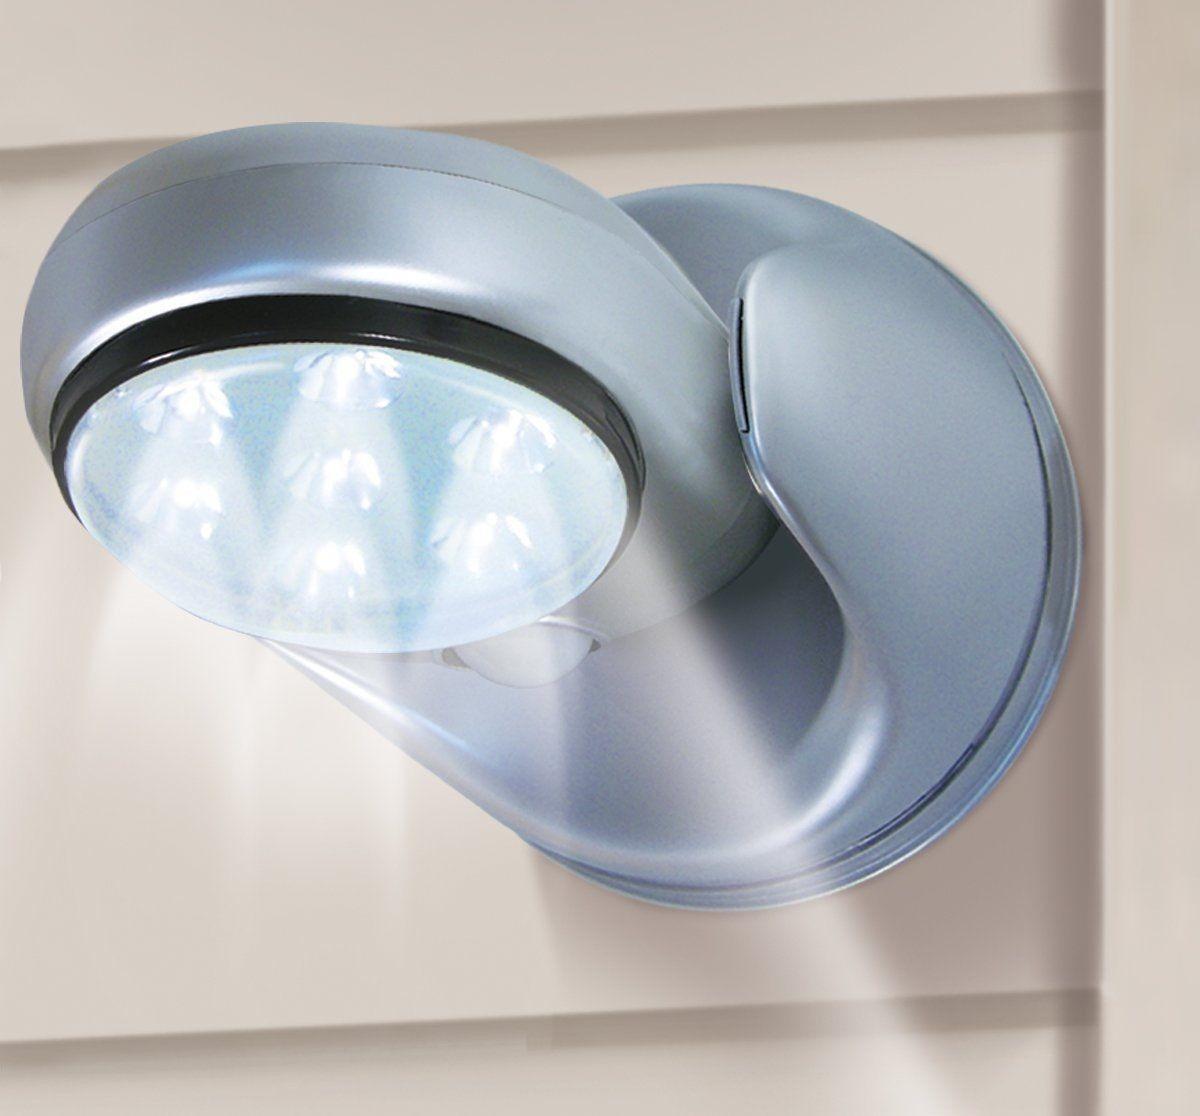 Luminaria de led com sensor de presen a r 24 90 no for Luminarias de exterior led